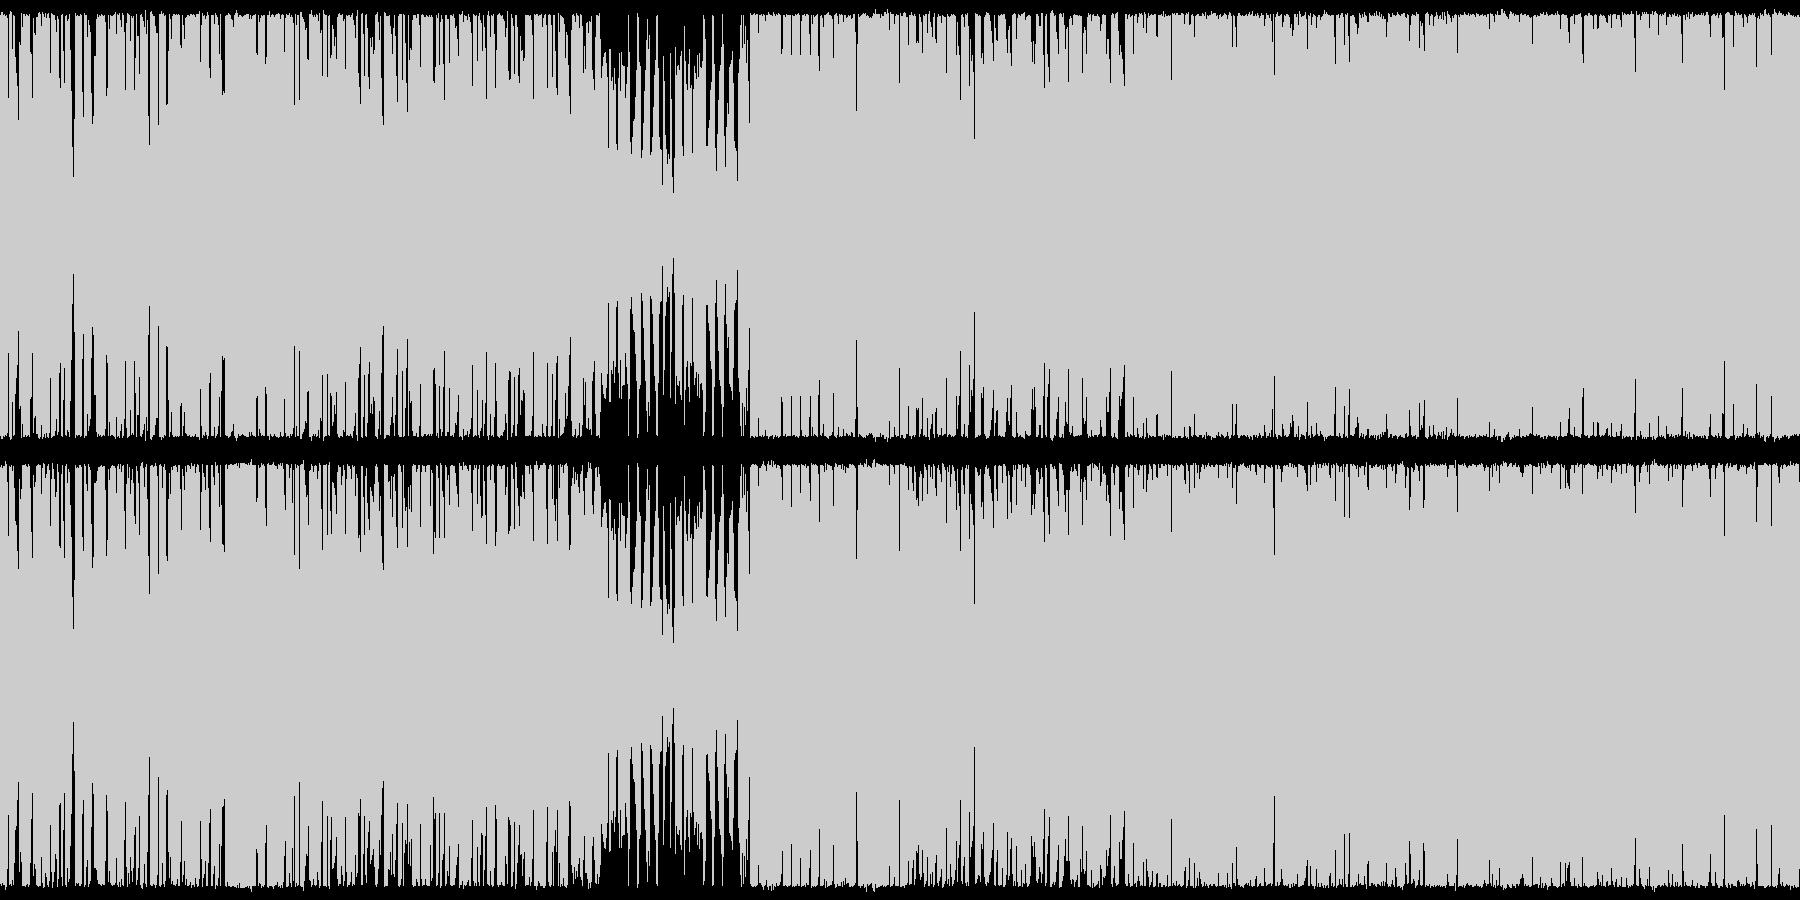 【生演奏】パワフルな猫ボーカルBGMの未再生の波形